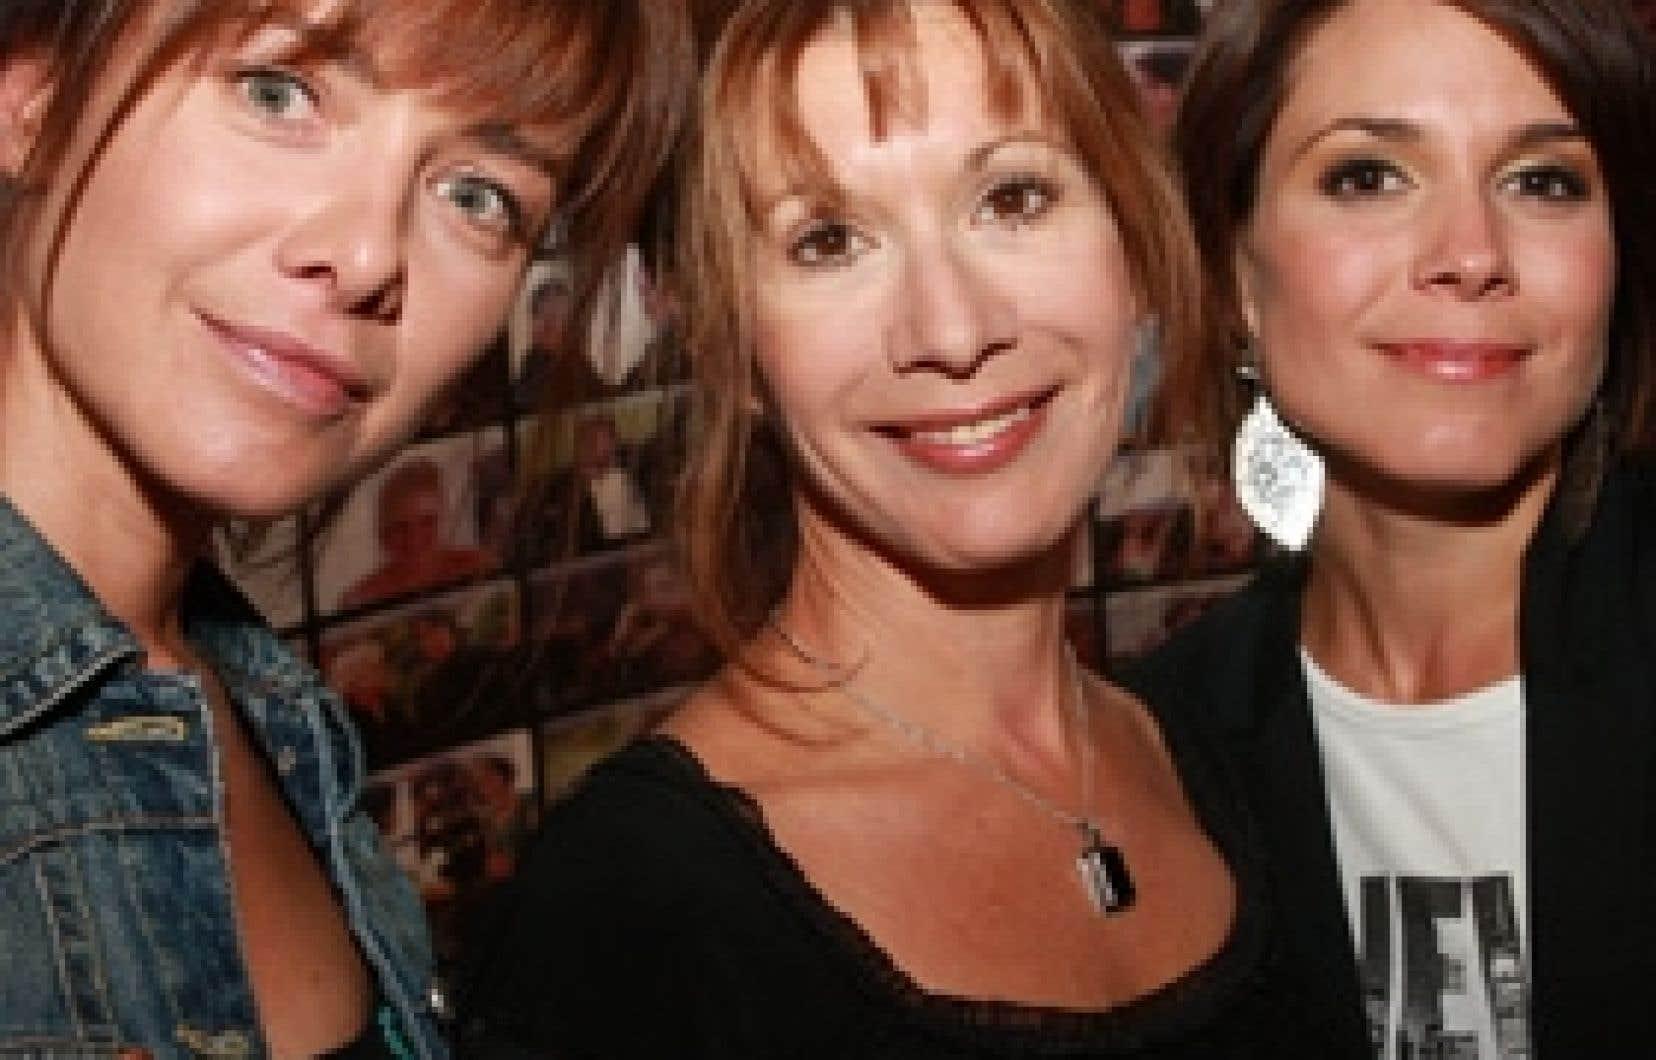 Les Soeurs Elliot, d'Estelle Bouchard, est une série très attendue qui met en scène trois soeurs, interprétées par trois fortes comédiennes: Isabel Richer, Sylvie Léonard et Julie Perreault.